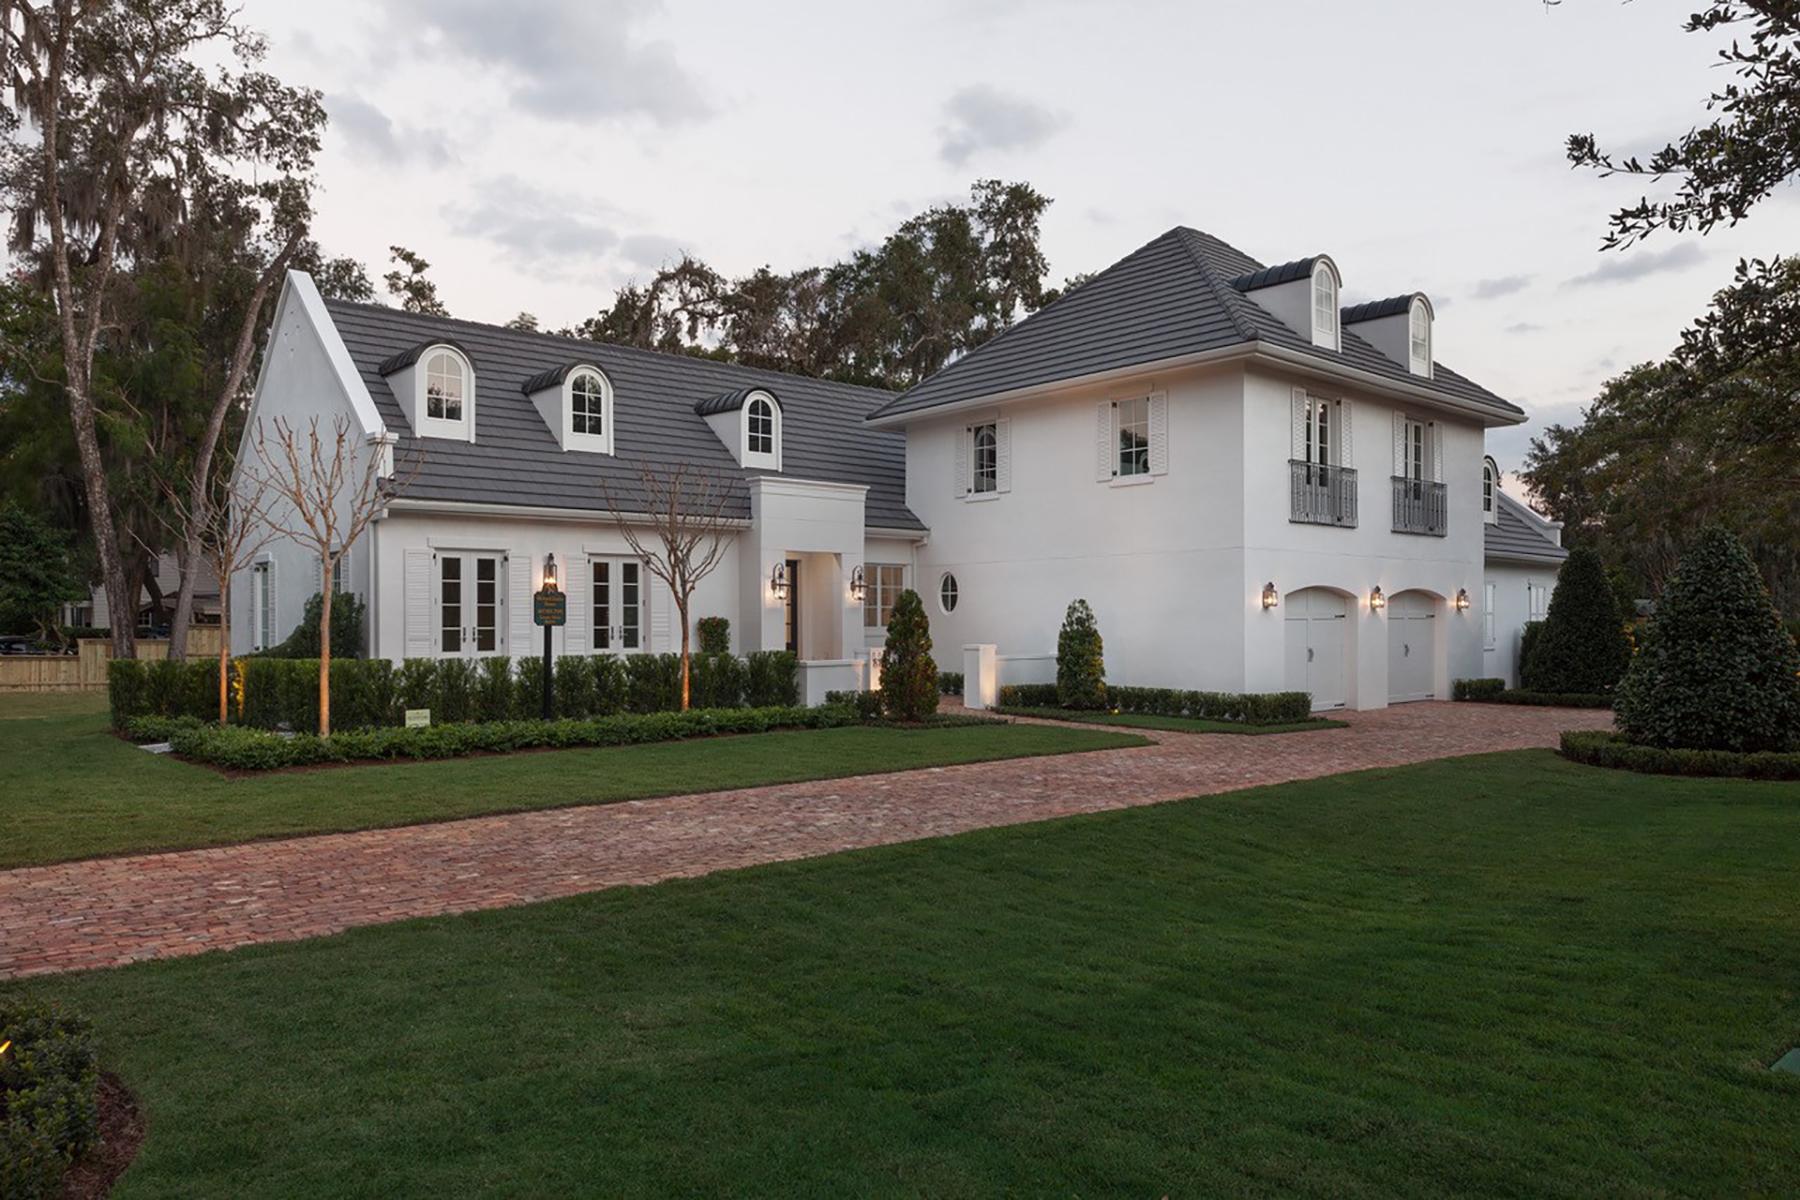 Single Family Homes için Satış at WINTER PARK 880 Bonita Dr, Winter Park, Florida 32789 Amerika Birleşik Devletleri